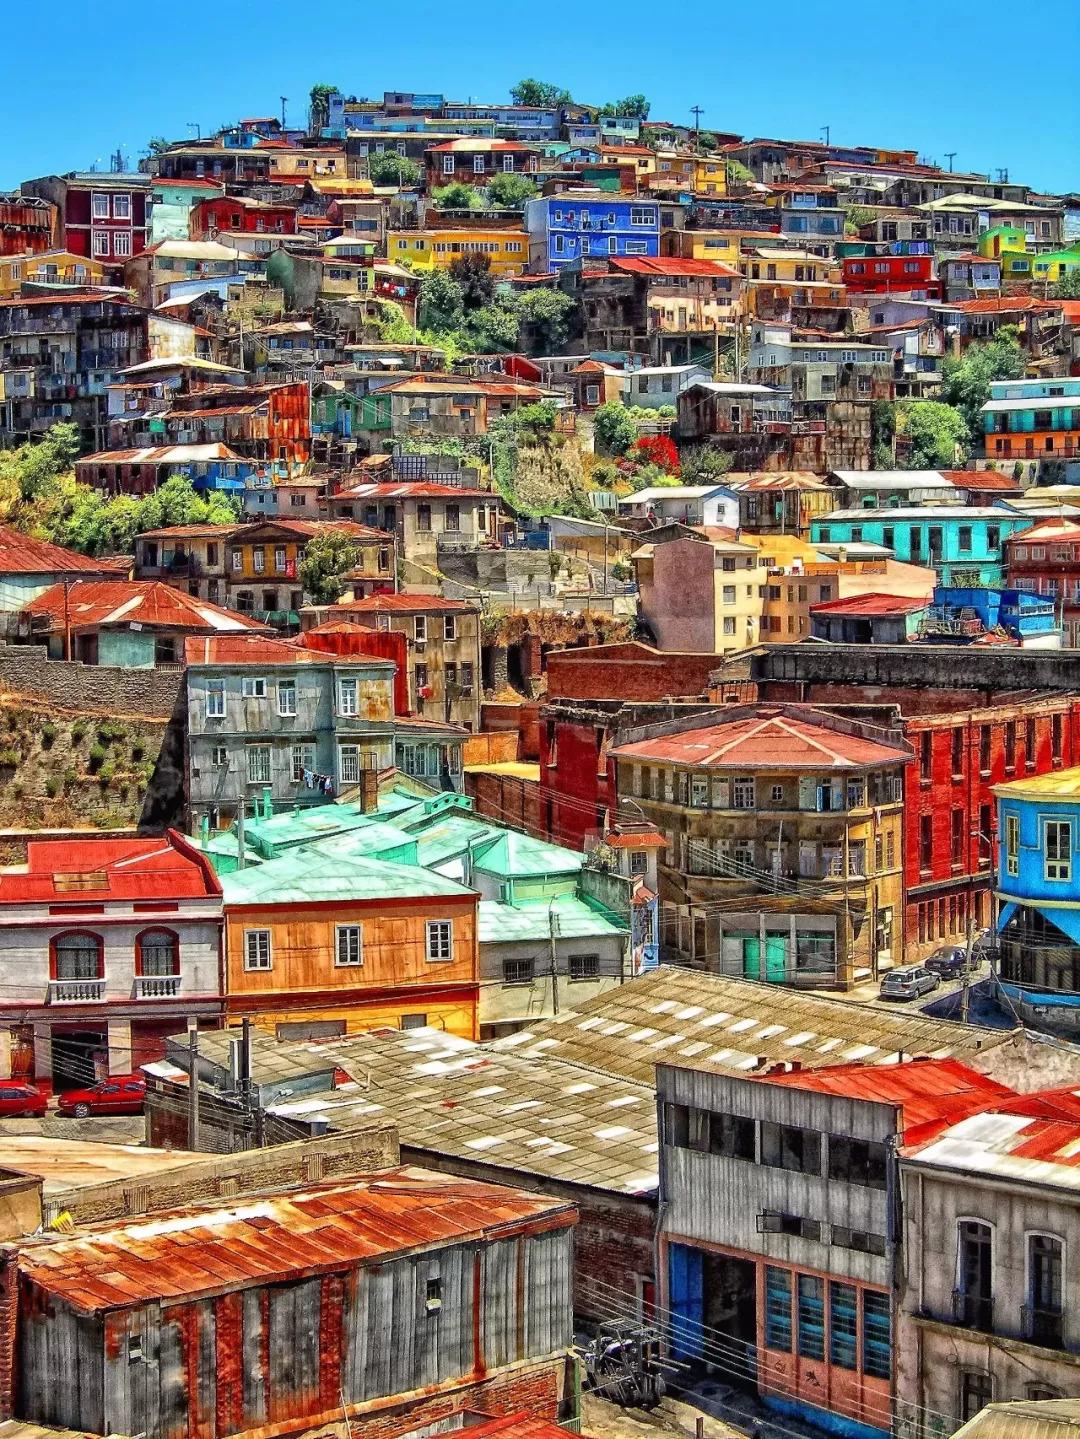 重磅!智利与阿根廷正式对中国游客实行单一签证!一个签证走遍两国